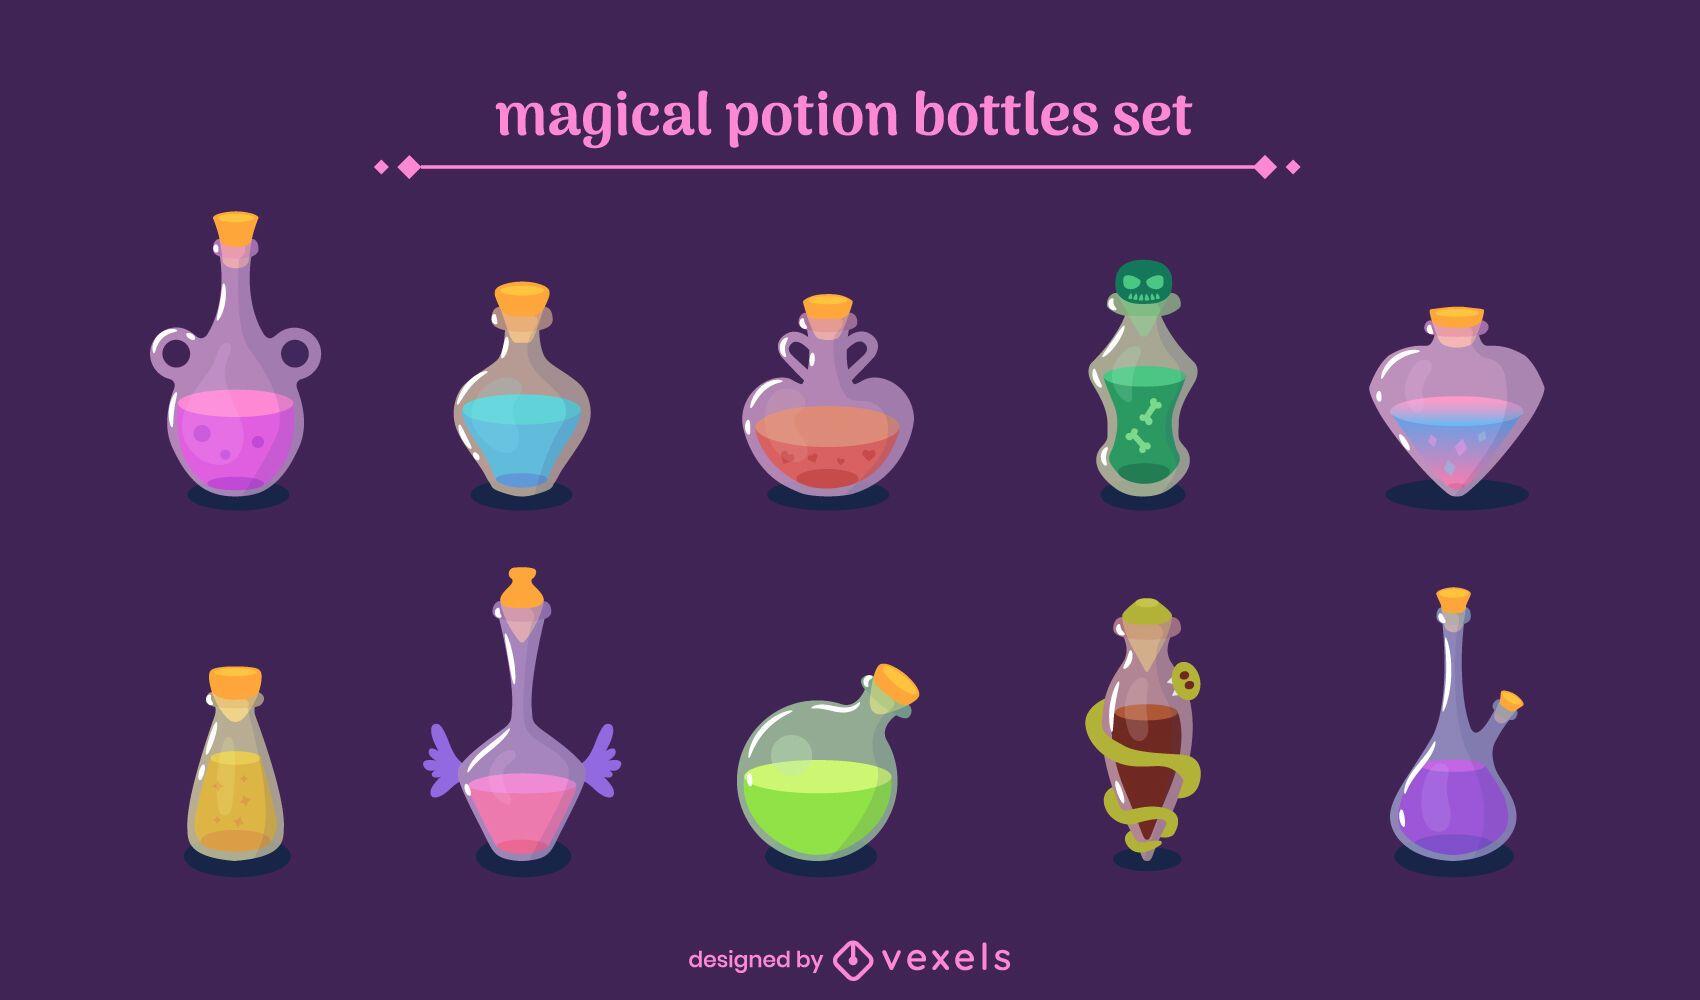 Magical potion bottles set